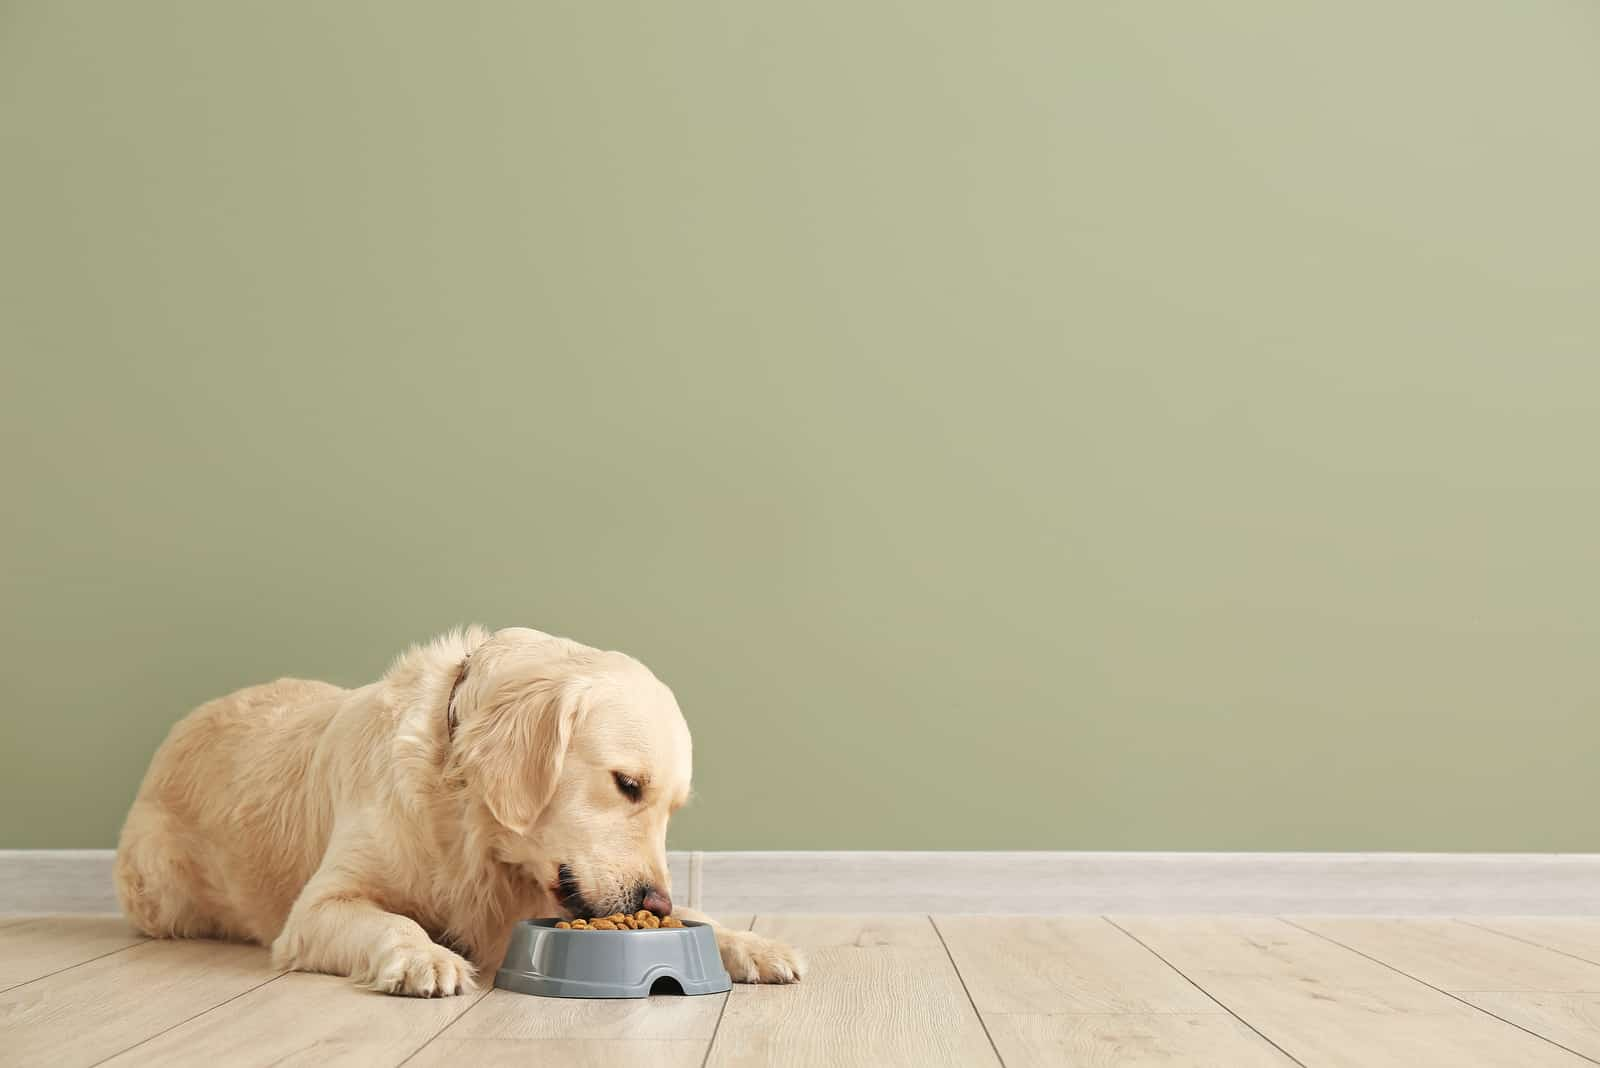 Süßer Hund, der Essen aus der Schüssel isst